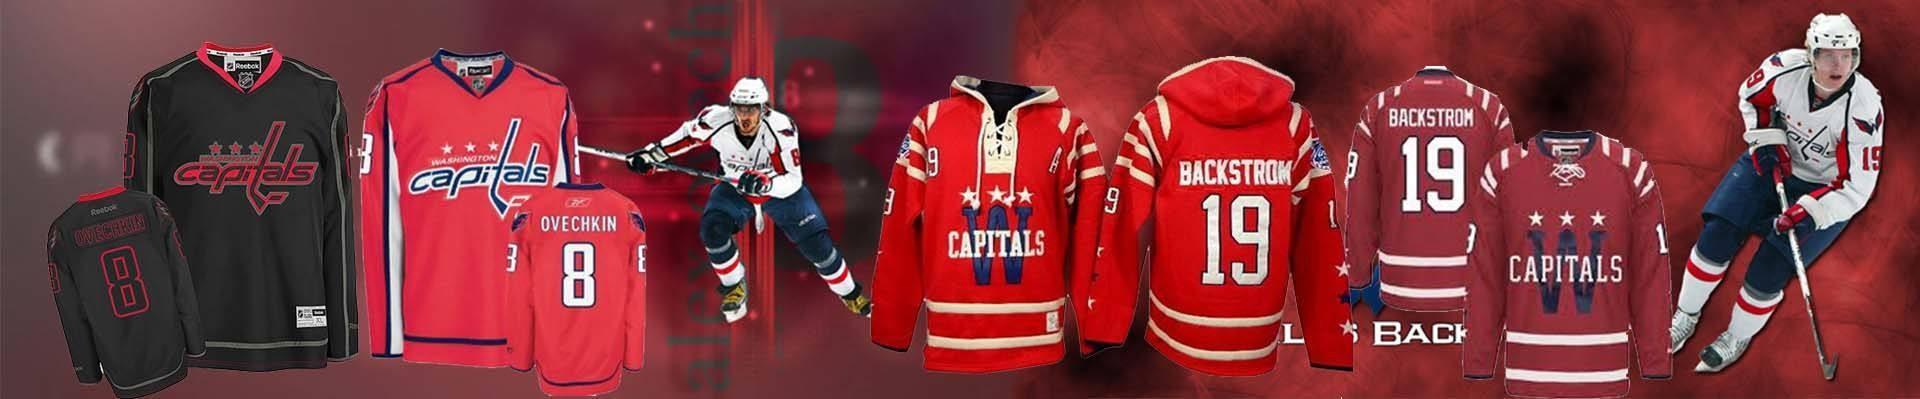 Capitals Jerseys